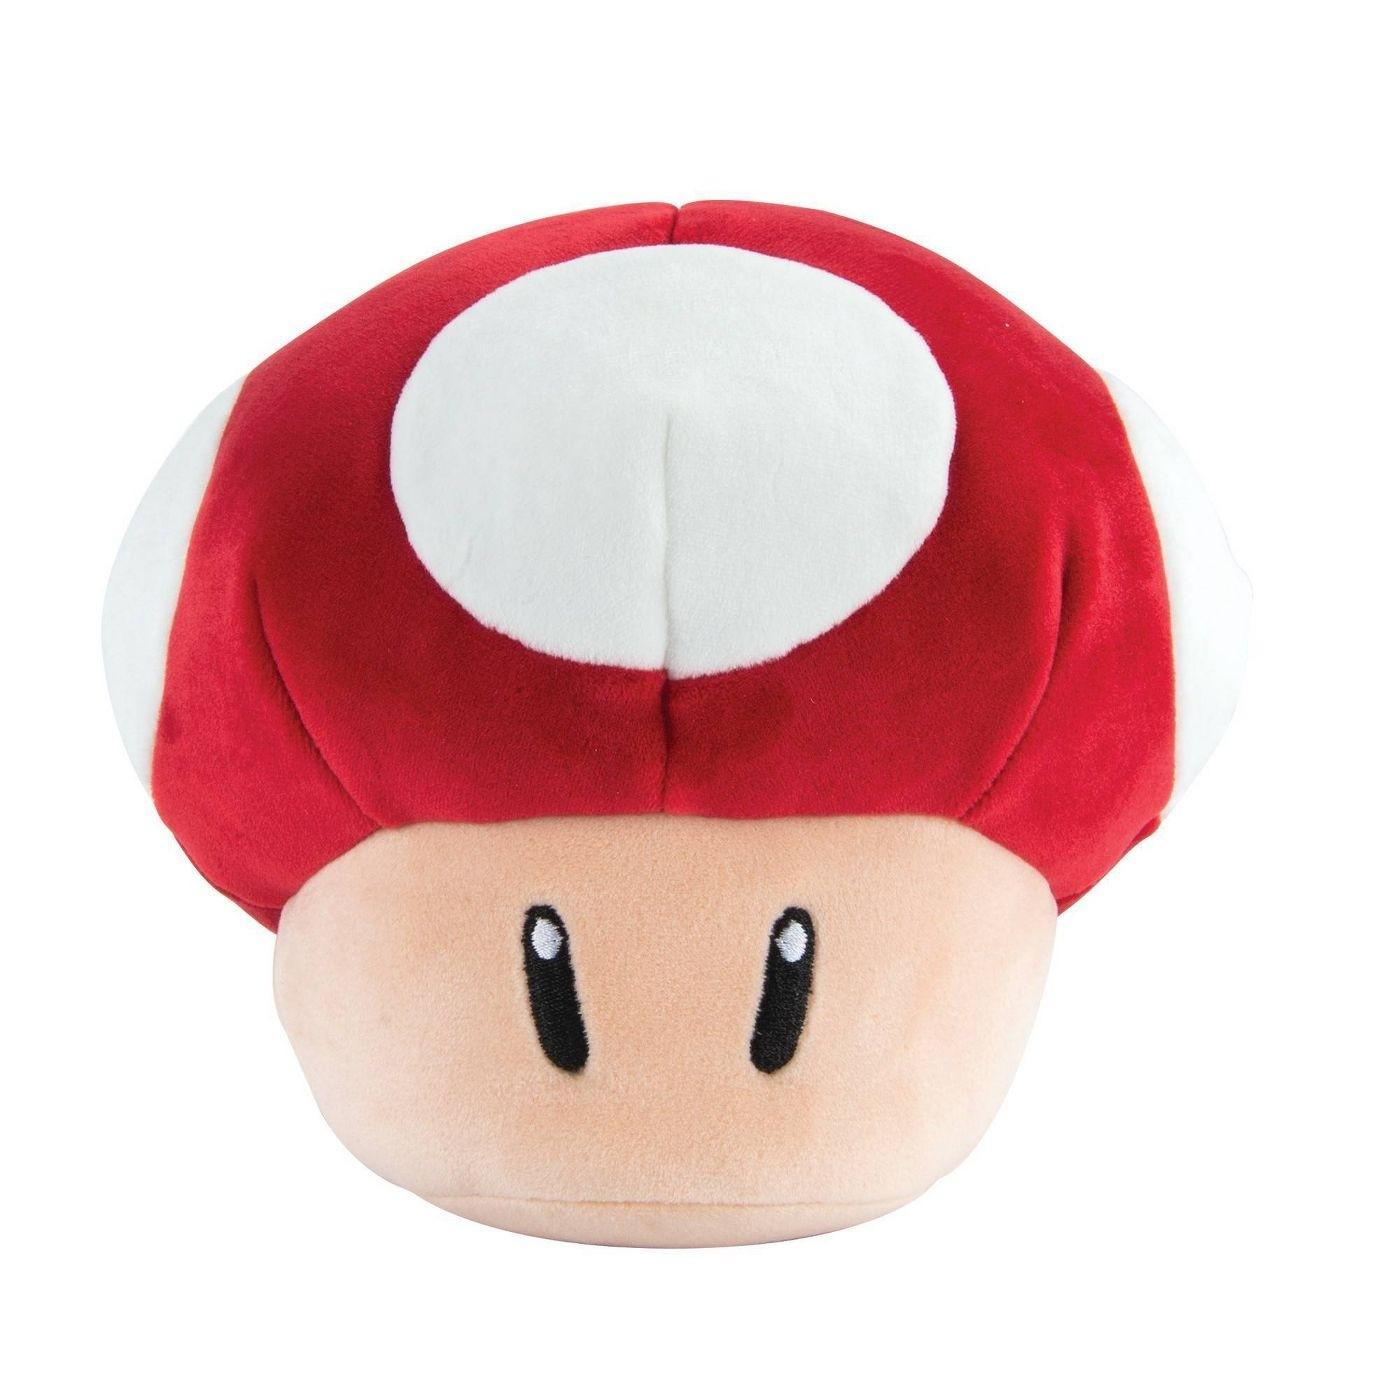 Mocchi-Mocchi Super Mario Mushroom (Junior)